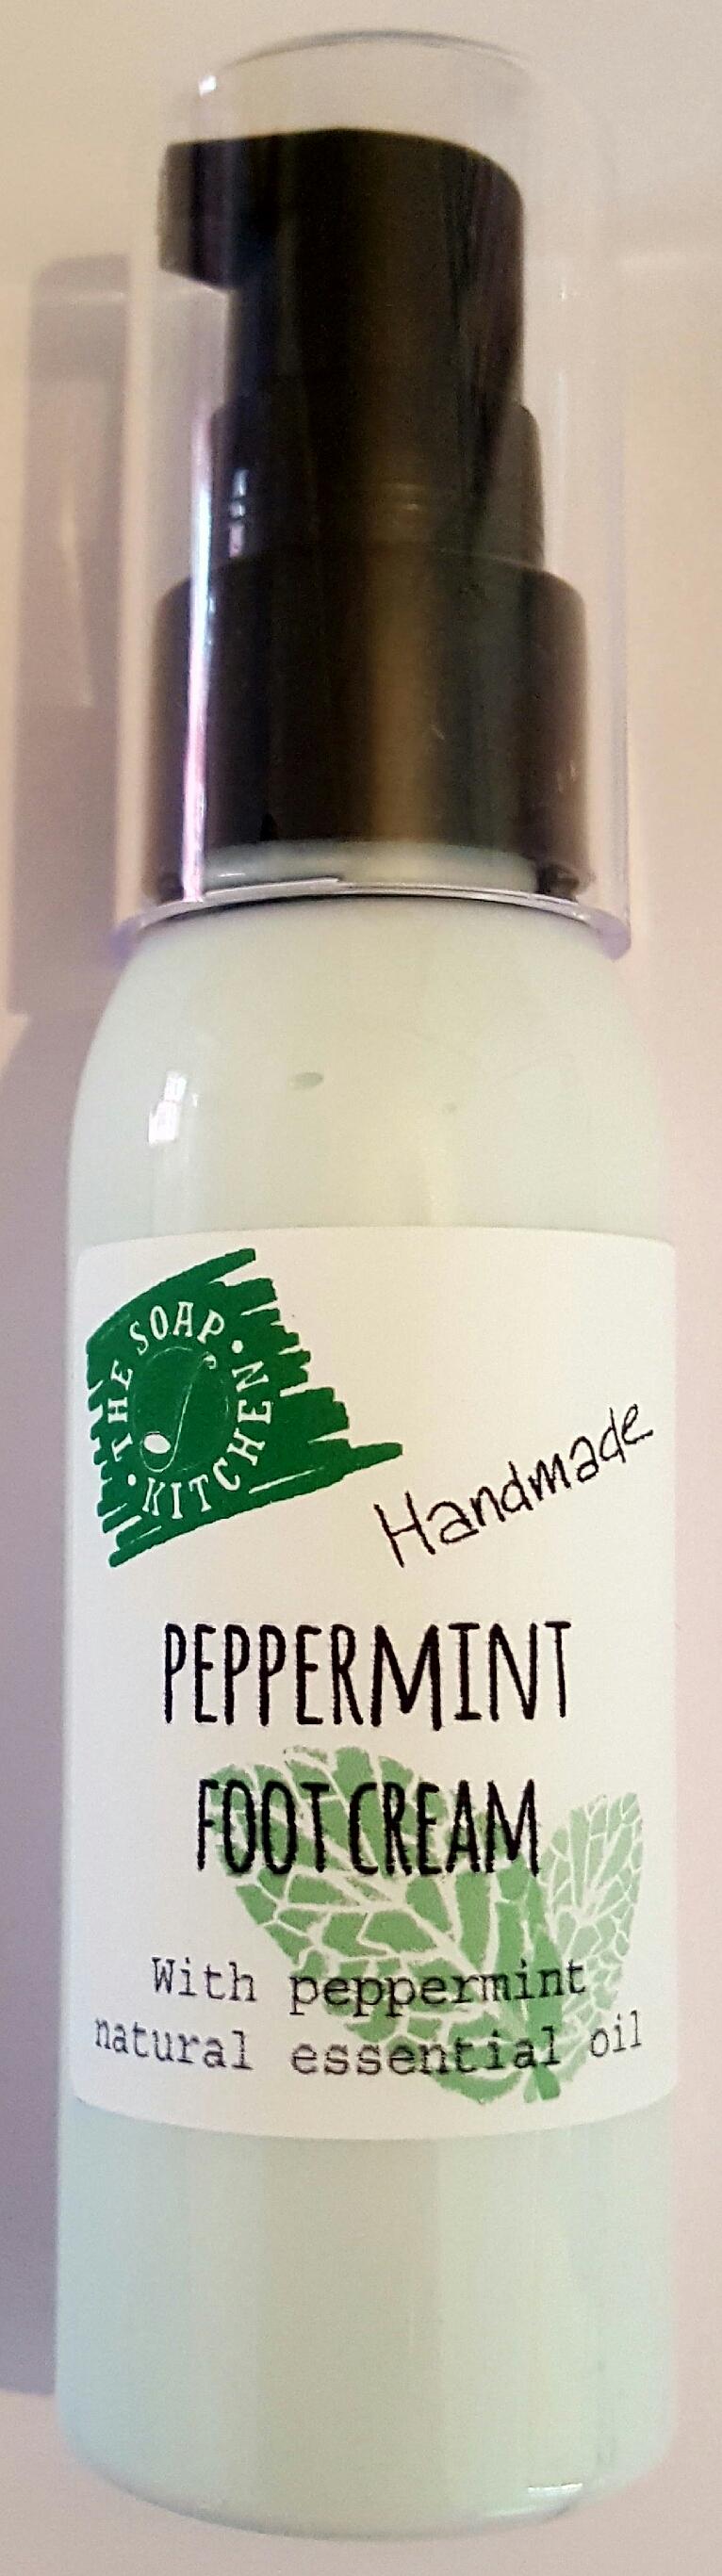 Handmade Peppermint Foot Cream